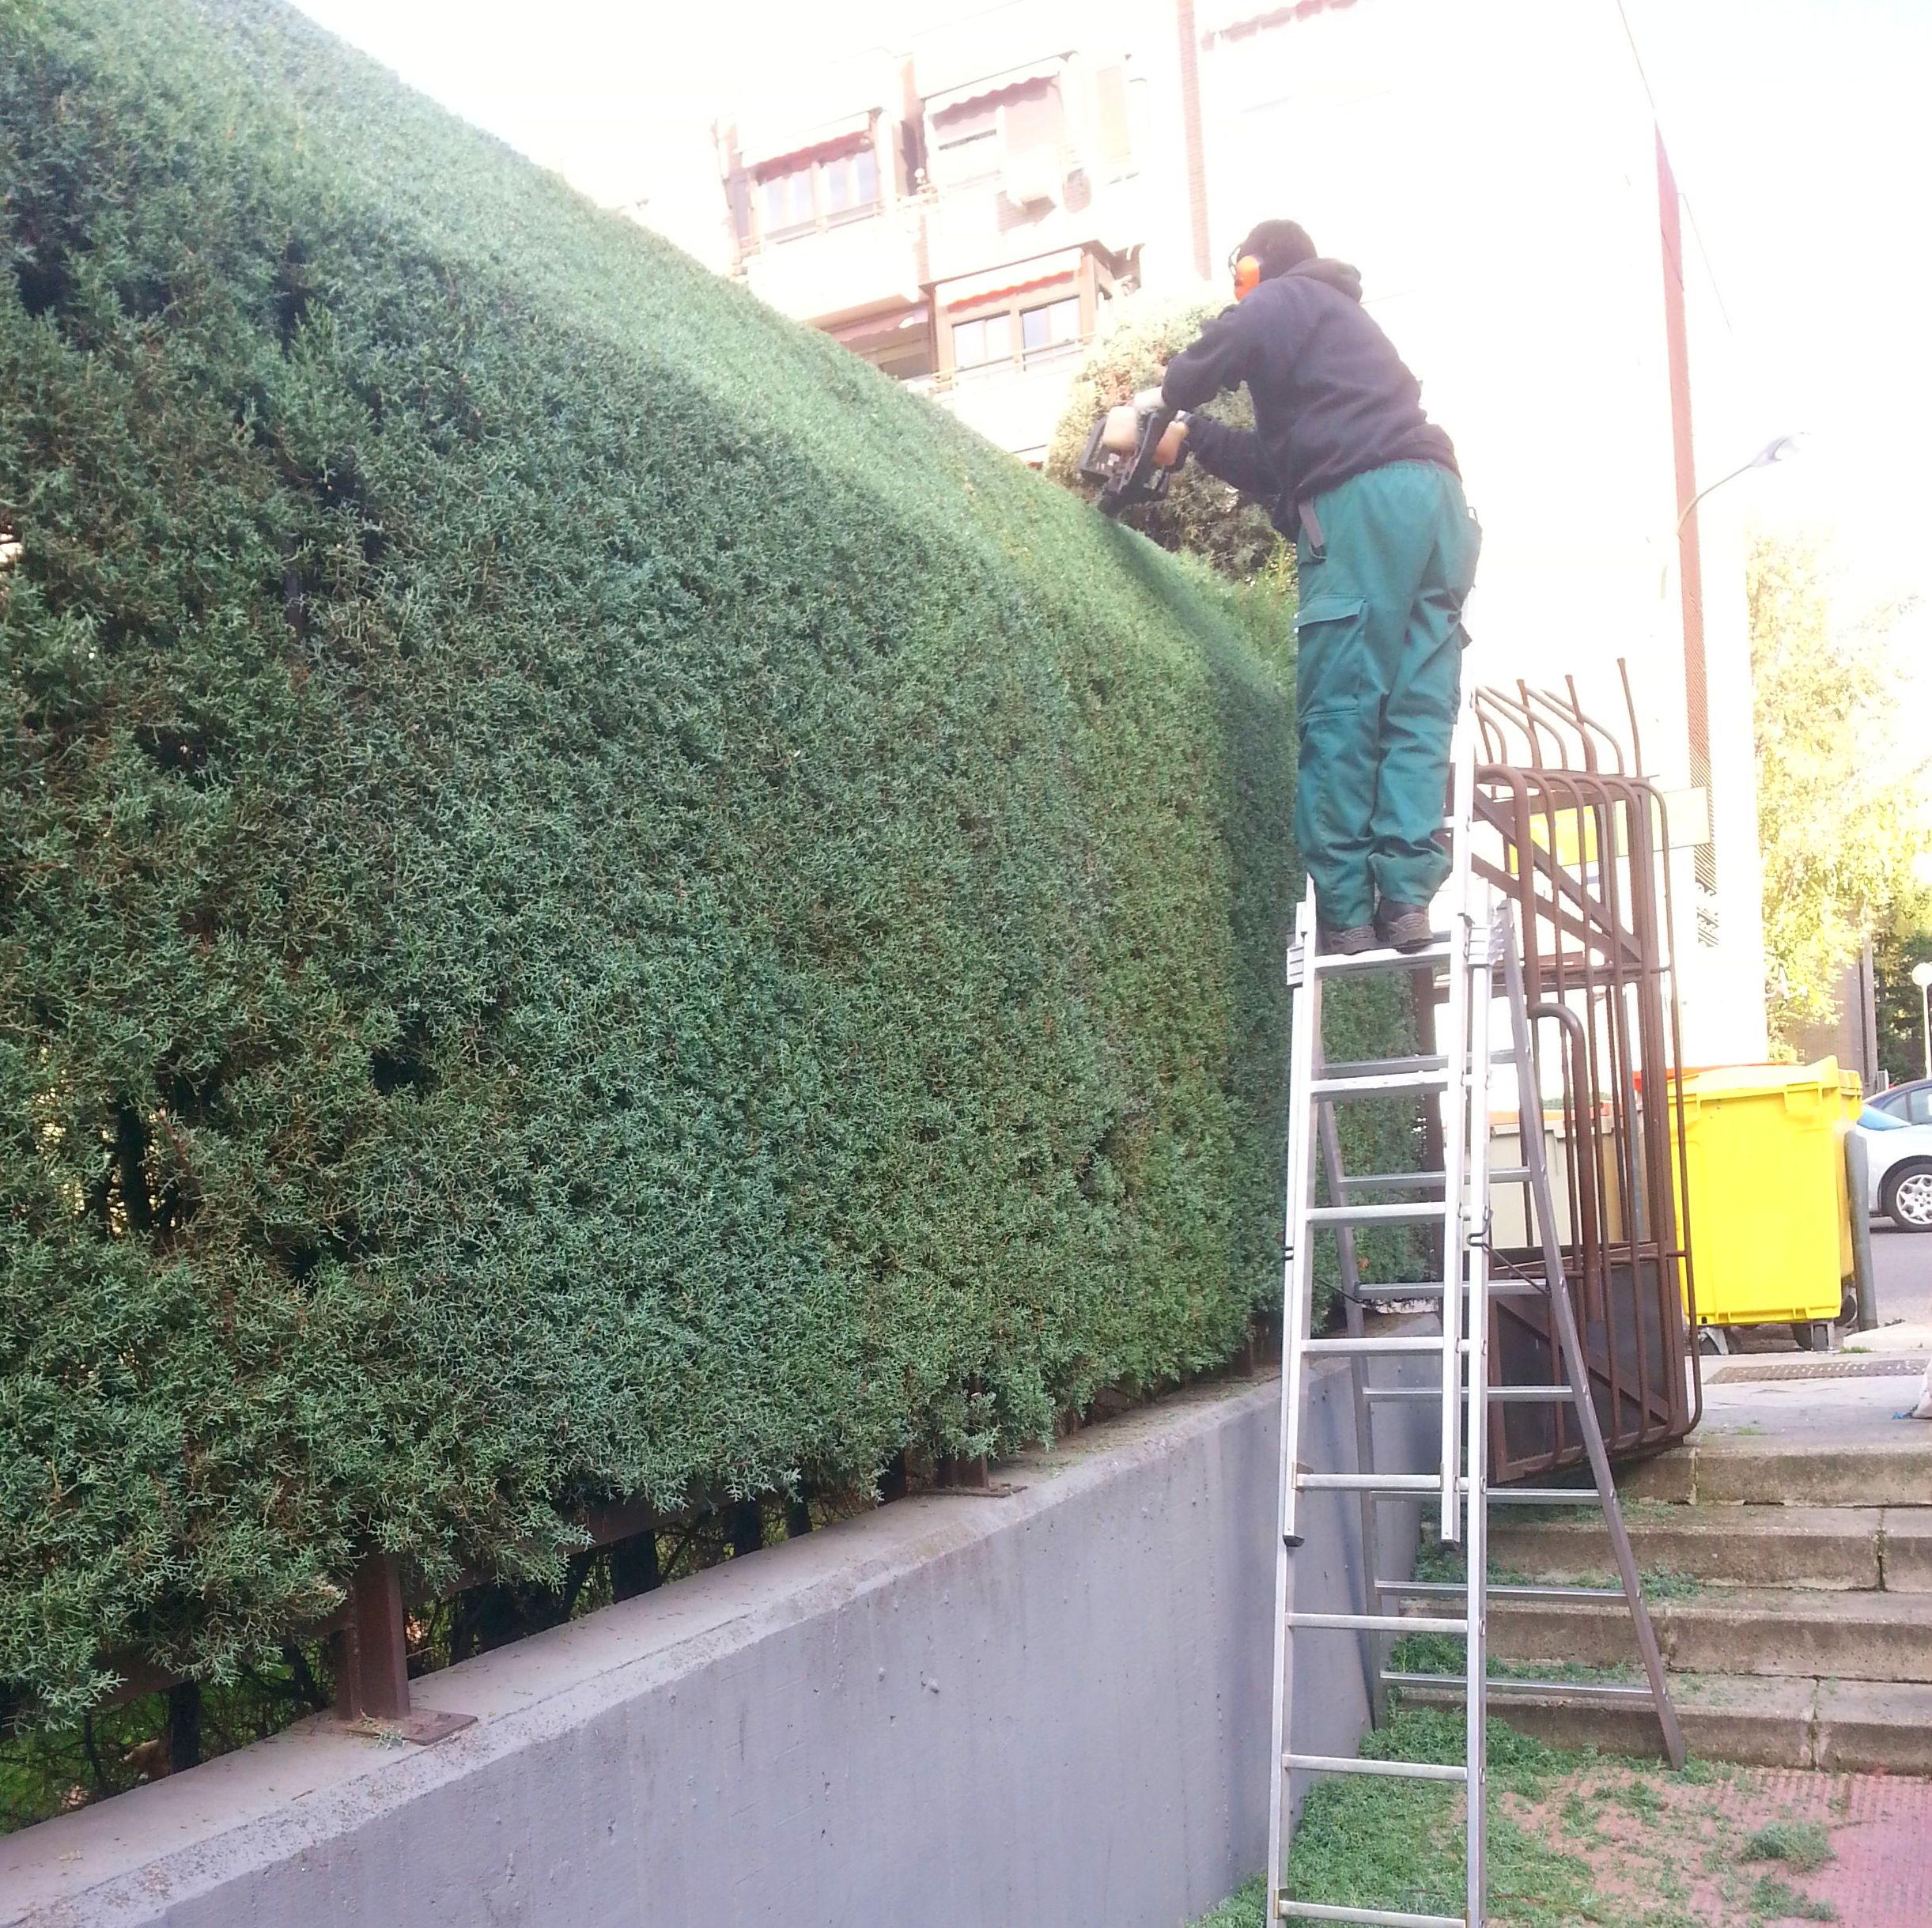 Mantenimientos servicios de plantea jardiner a y paisajismo for Servicios de jardineria y paisajismo